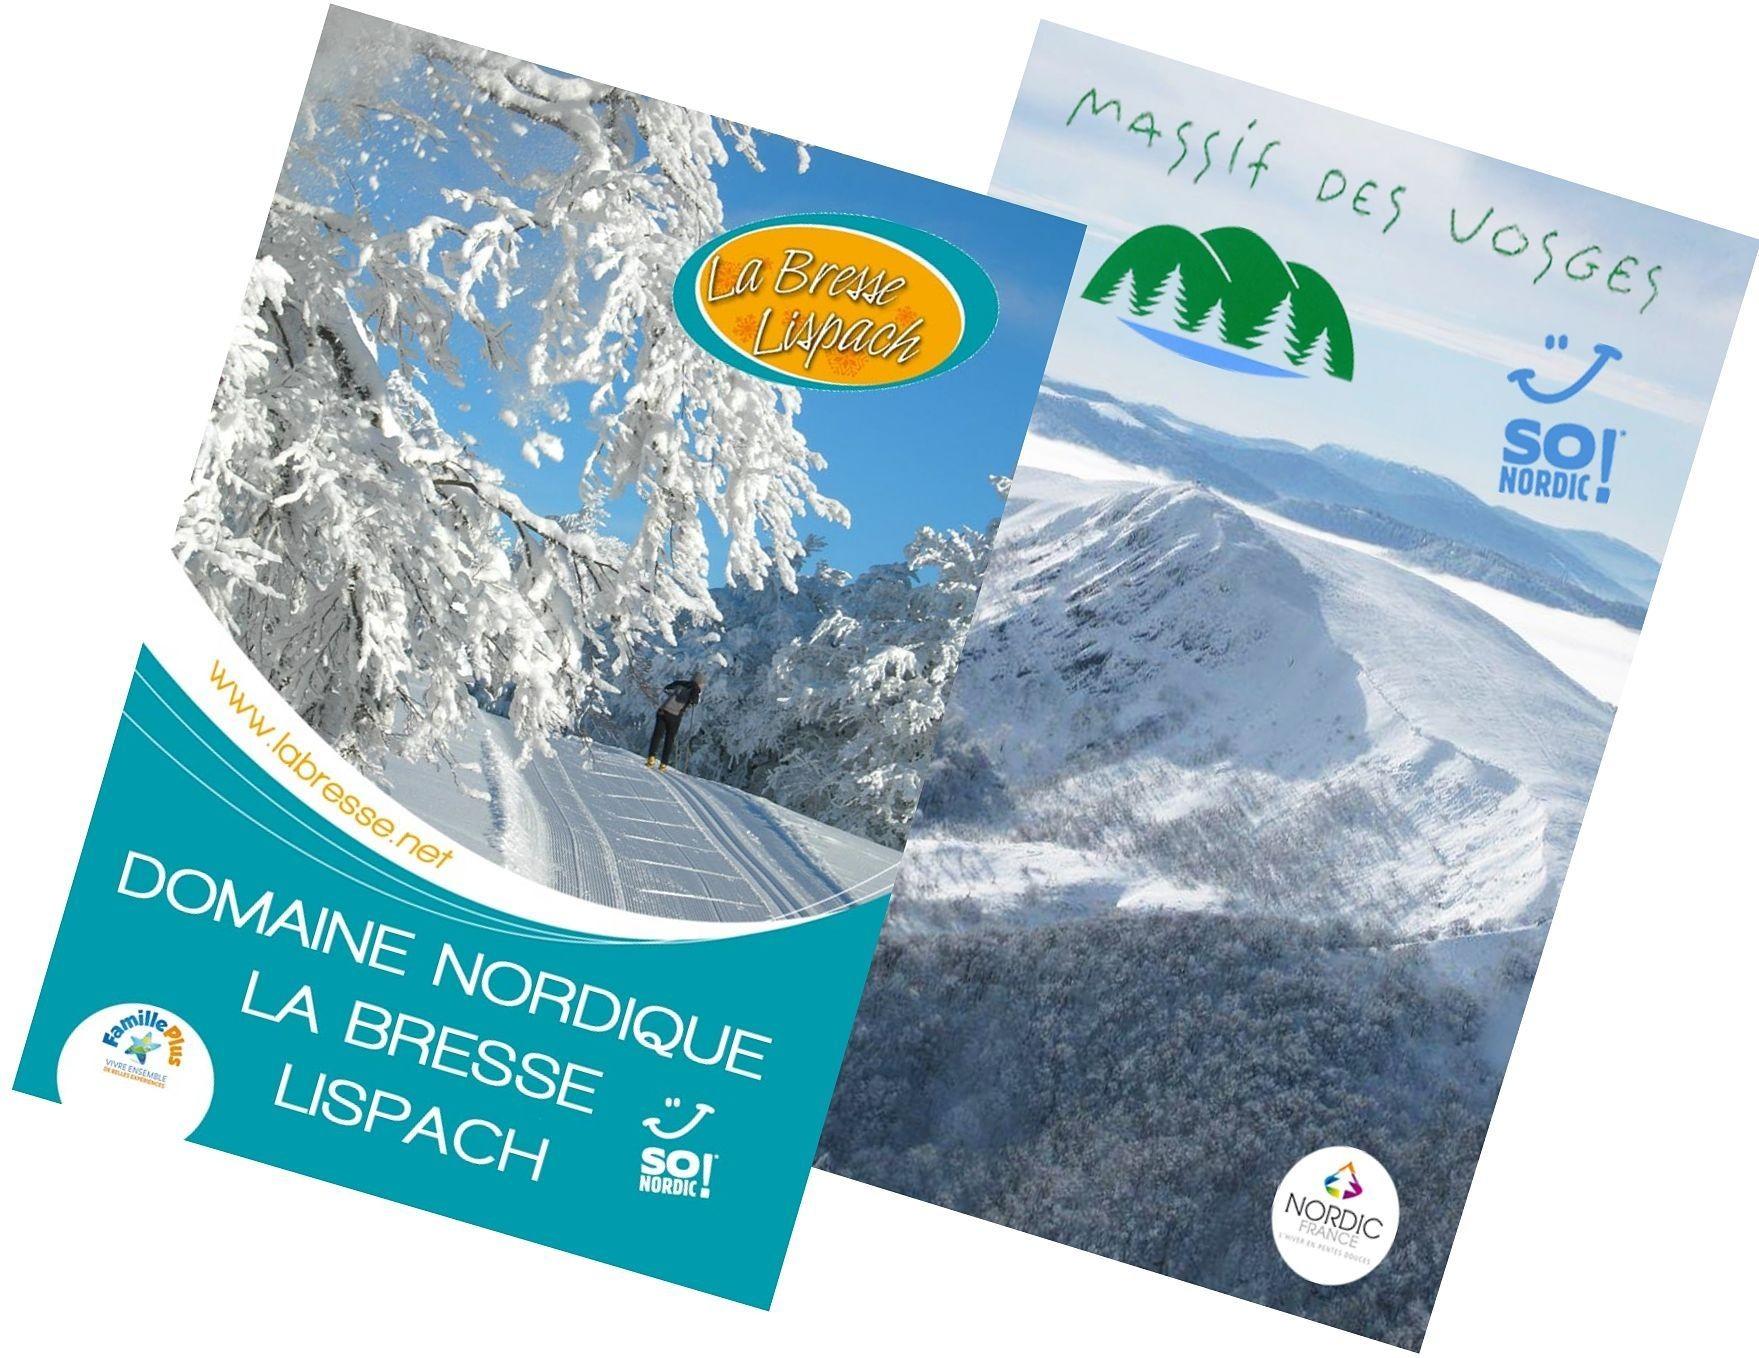 Domaine Nordique La Bresse Lispach Achat en ligne